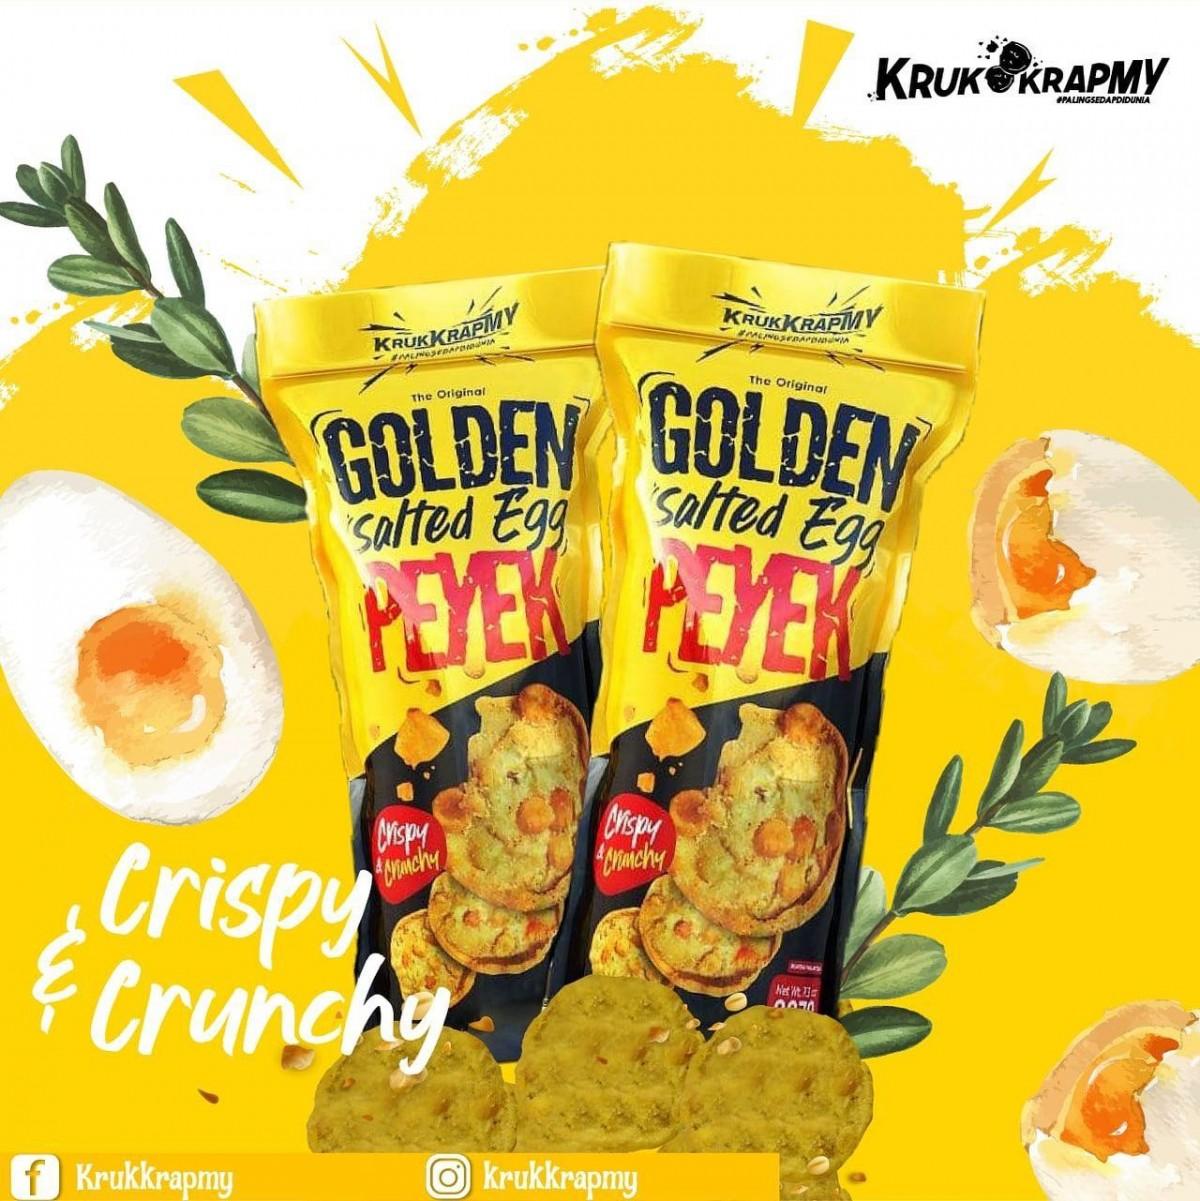 PRE-ORDER Golden Salted Egg PEYEK (Combo 3 Pack) - VEVE